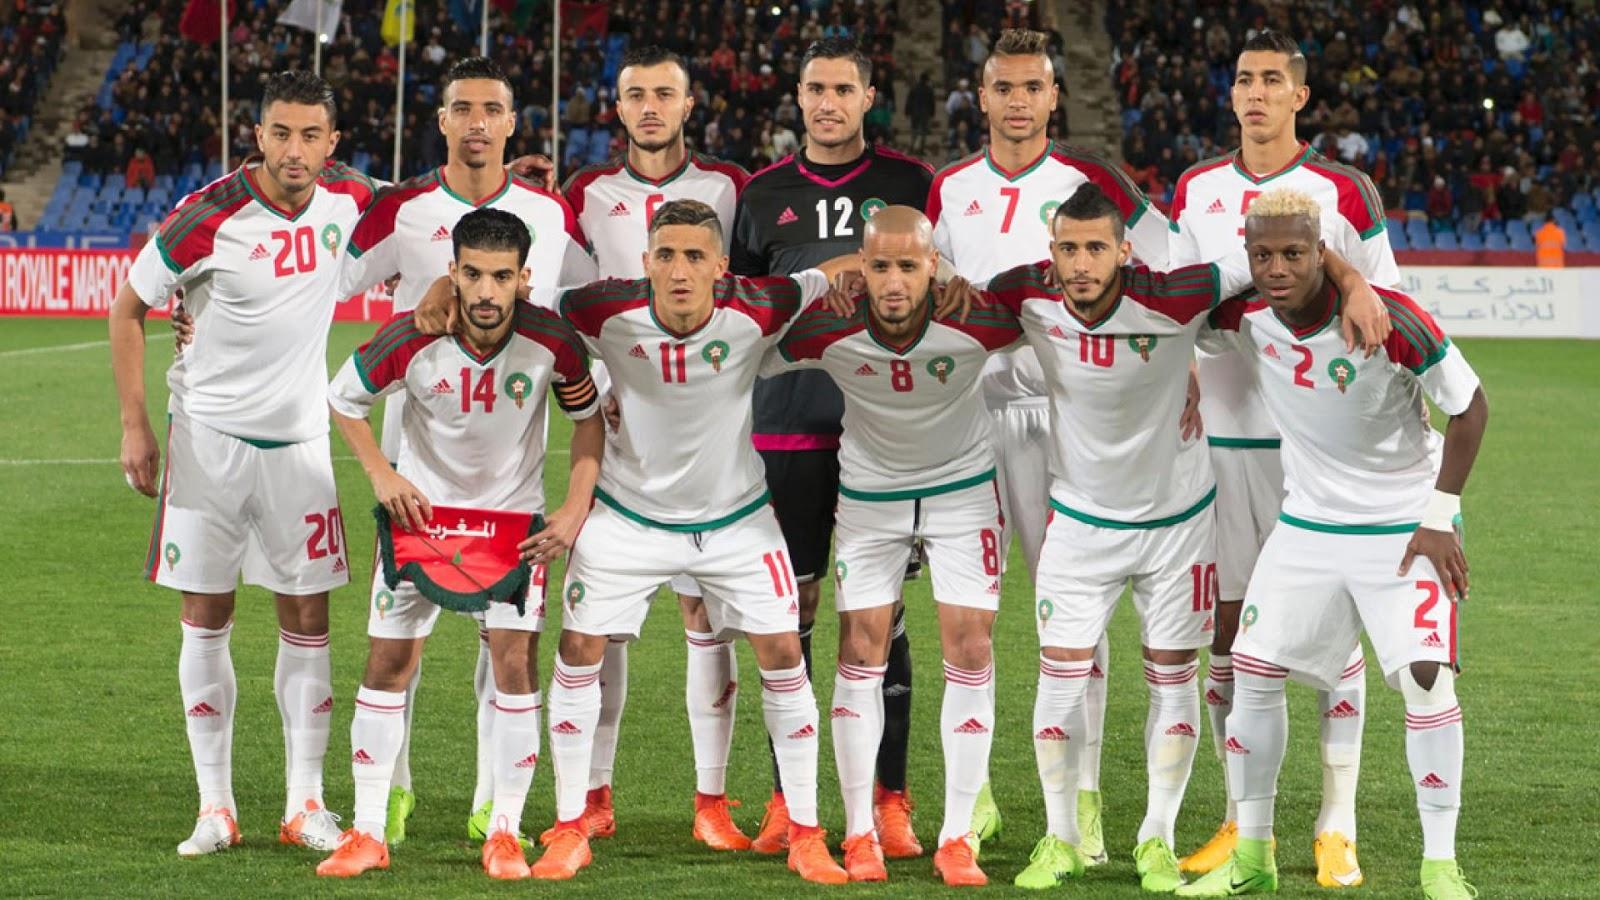 مباراة المغرب والكاميرون بث مباشر اليوم 16-11-2018 افريقيا